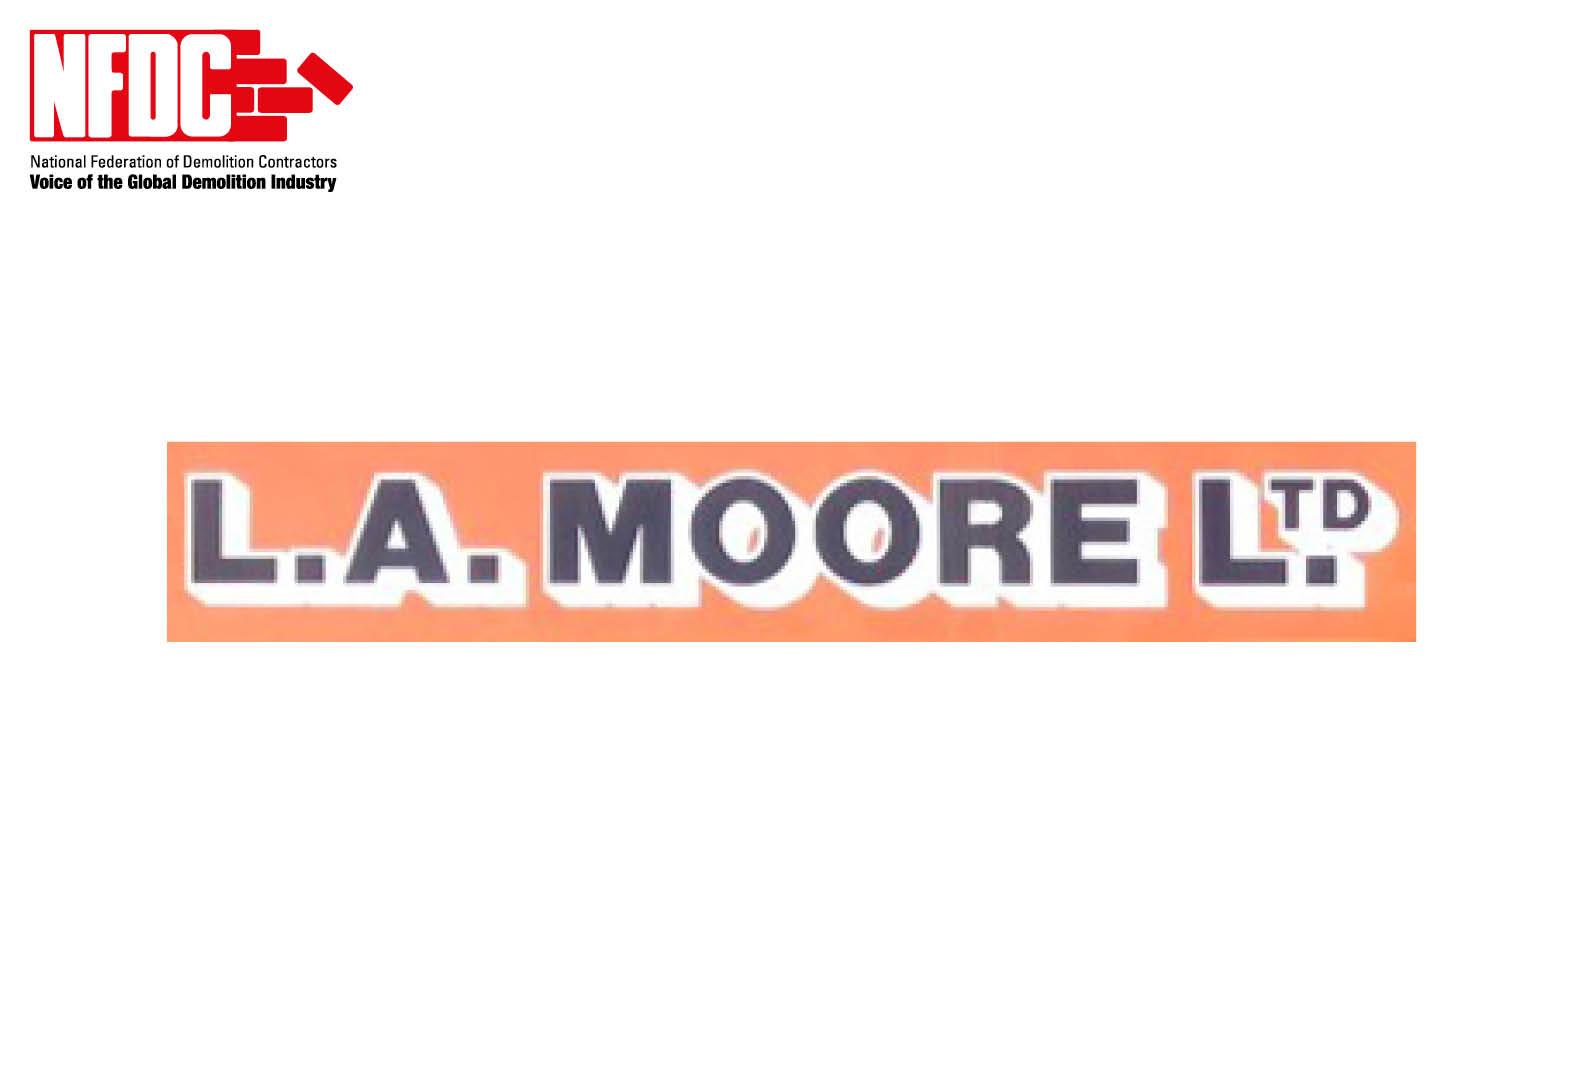 L.A Moore